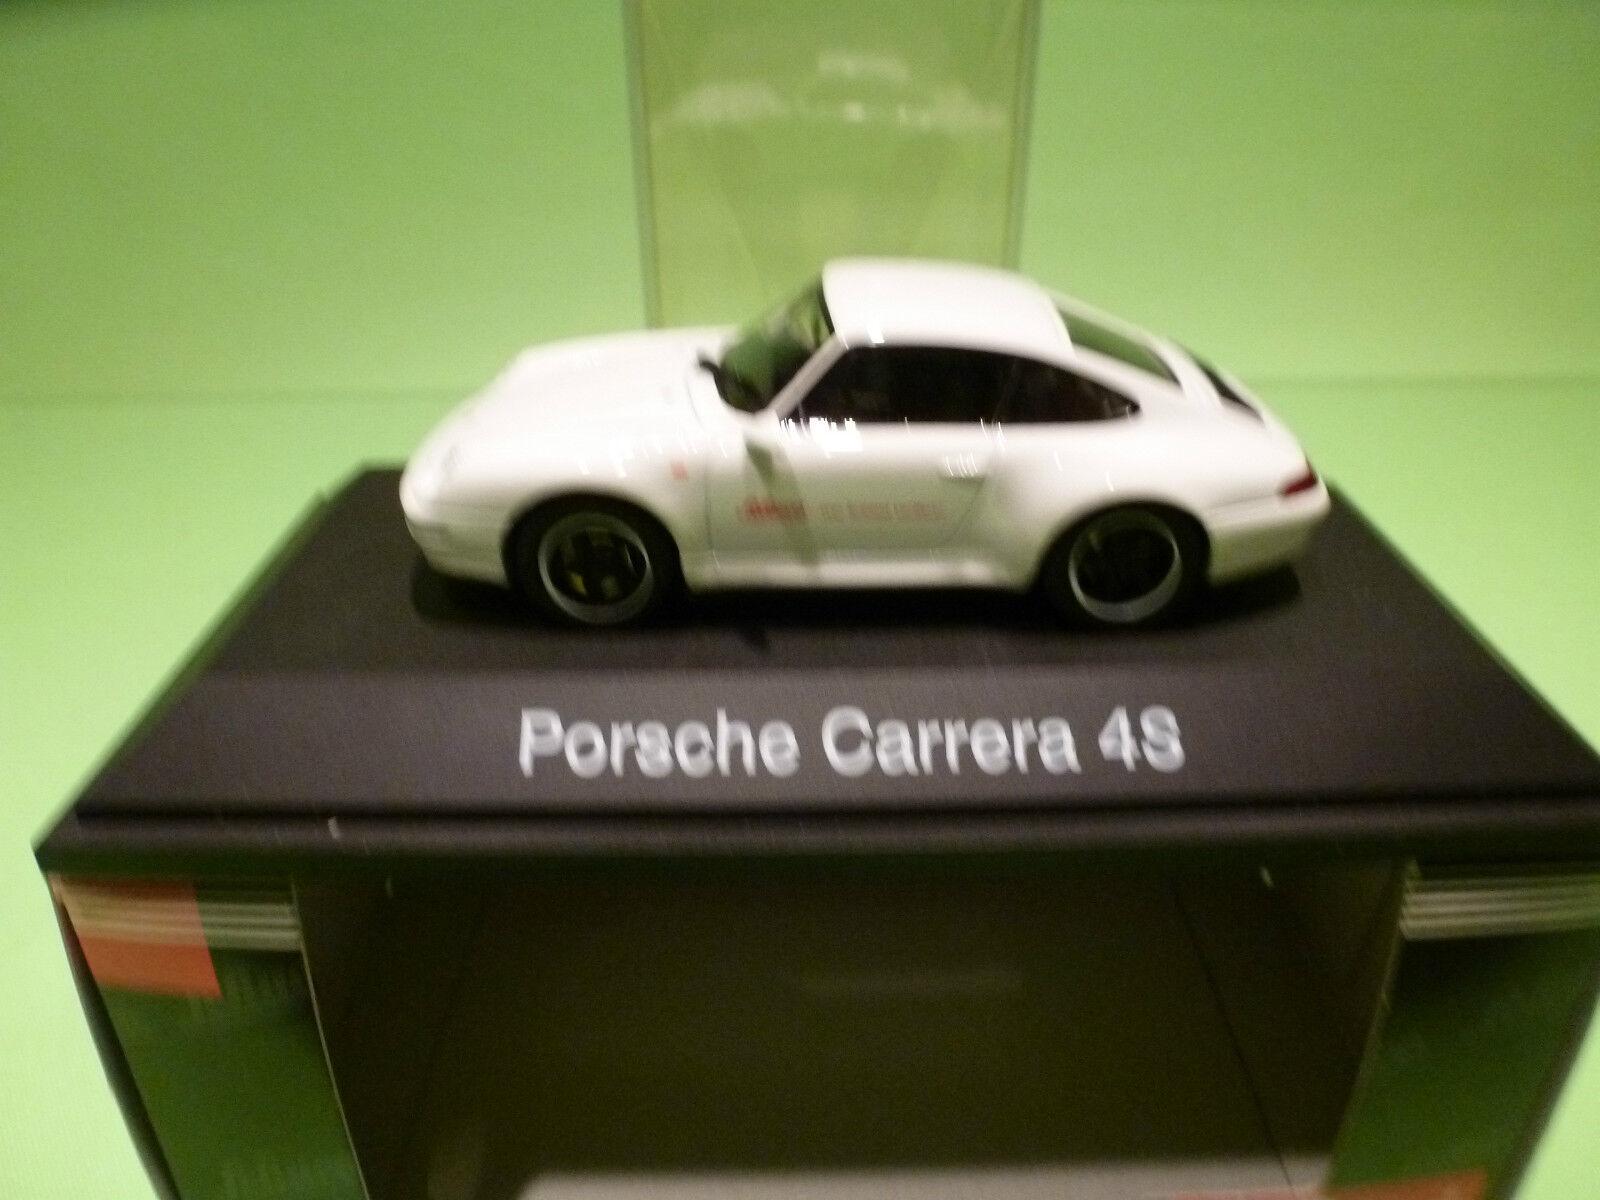 SCHUCO 04153 PORSCHE CARRERA 4S - 1 43 - - - WHITE - MINT IN BOX 5e68a8